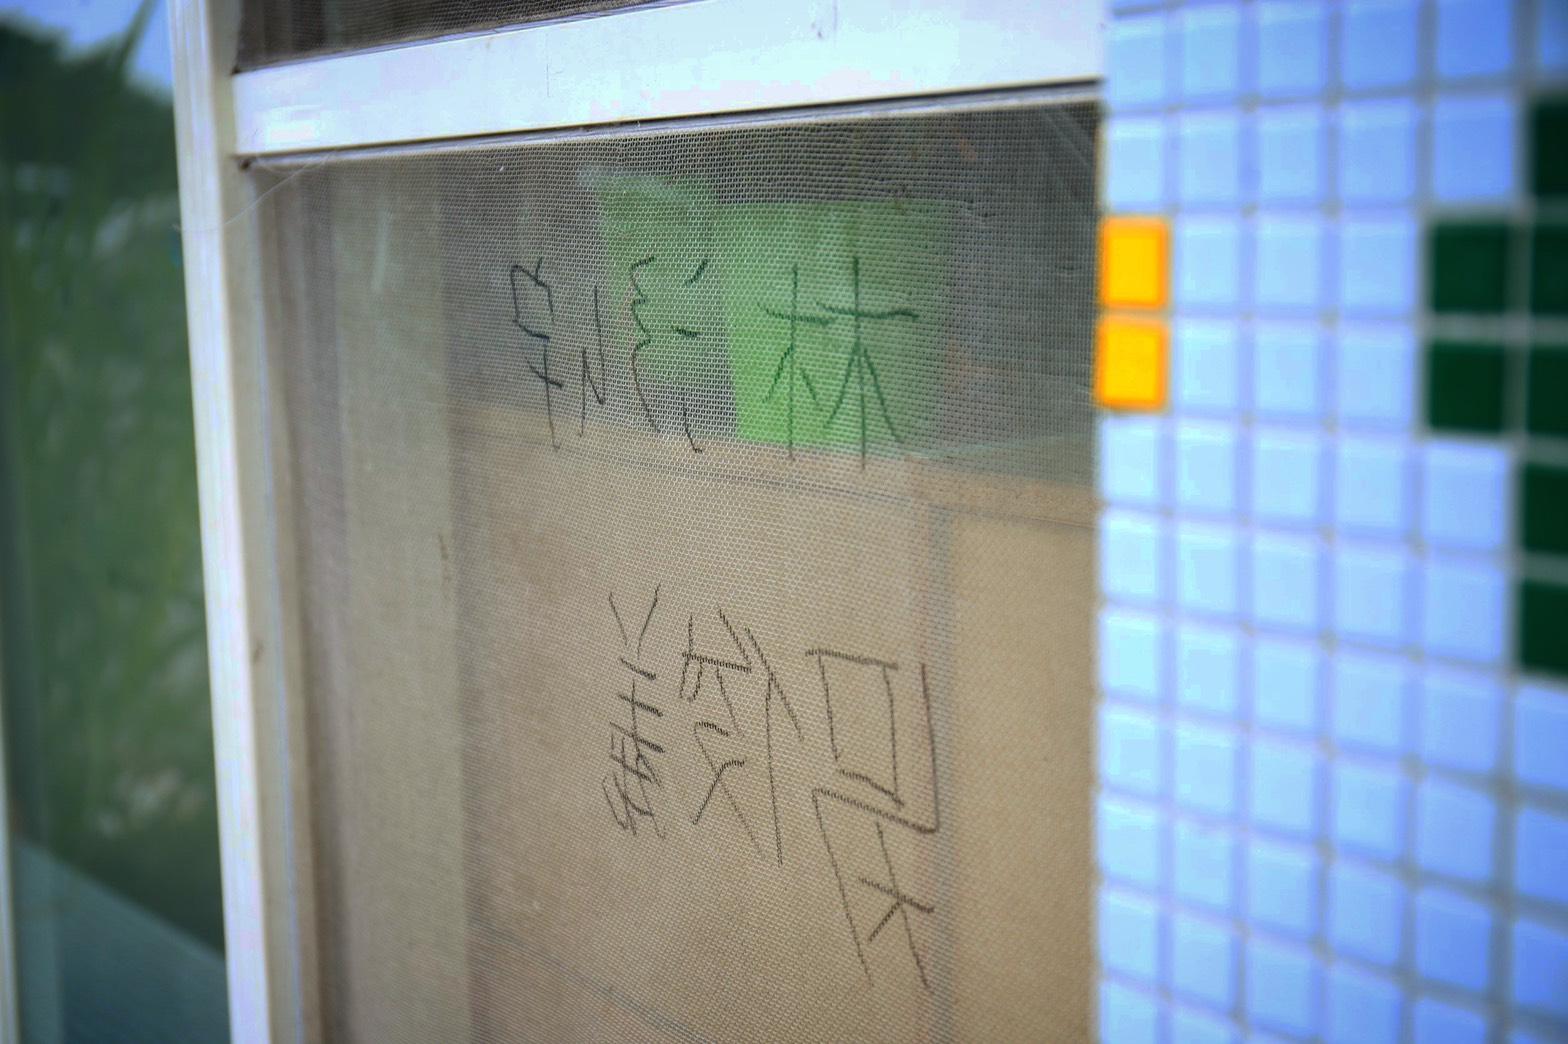 師傅帶著孩子一同裝修樹屋,孩子在自己修復完的紗窗寫下名字,以示負責。陳心慈攝影